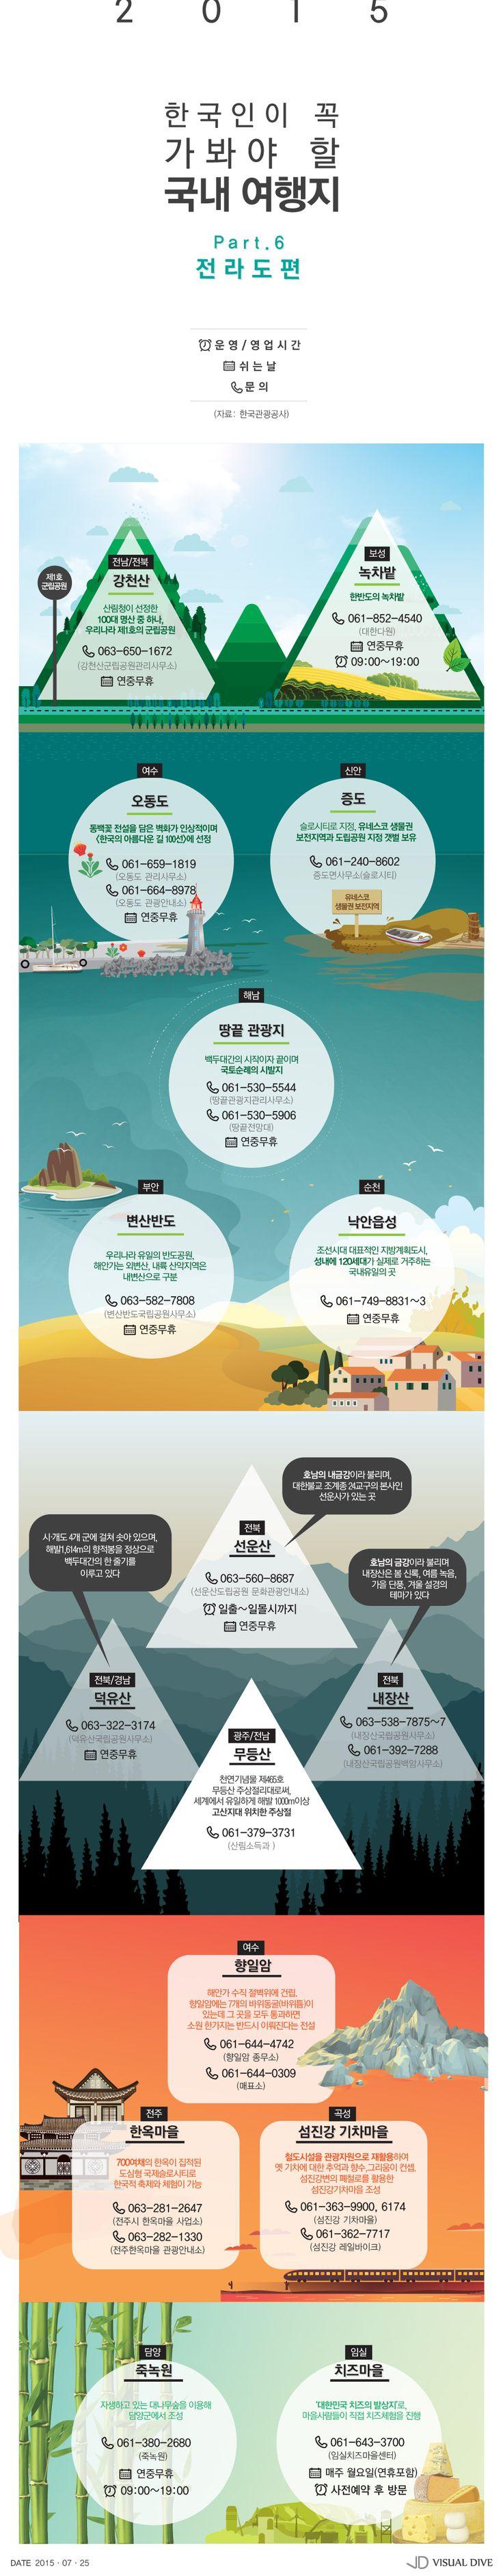 """""""여름 휴가 어디로? 고민도 즐겁다!""""…전라도 여행지 추천 가이드 [인포그래픽] #Travel / #Infographic ⓒ 비주얼다이브 무단 복사·전재·재배포 금지"""